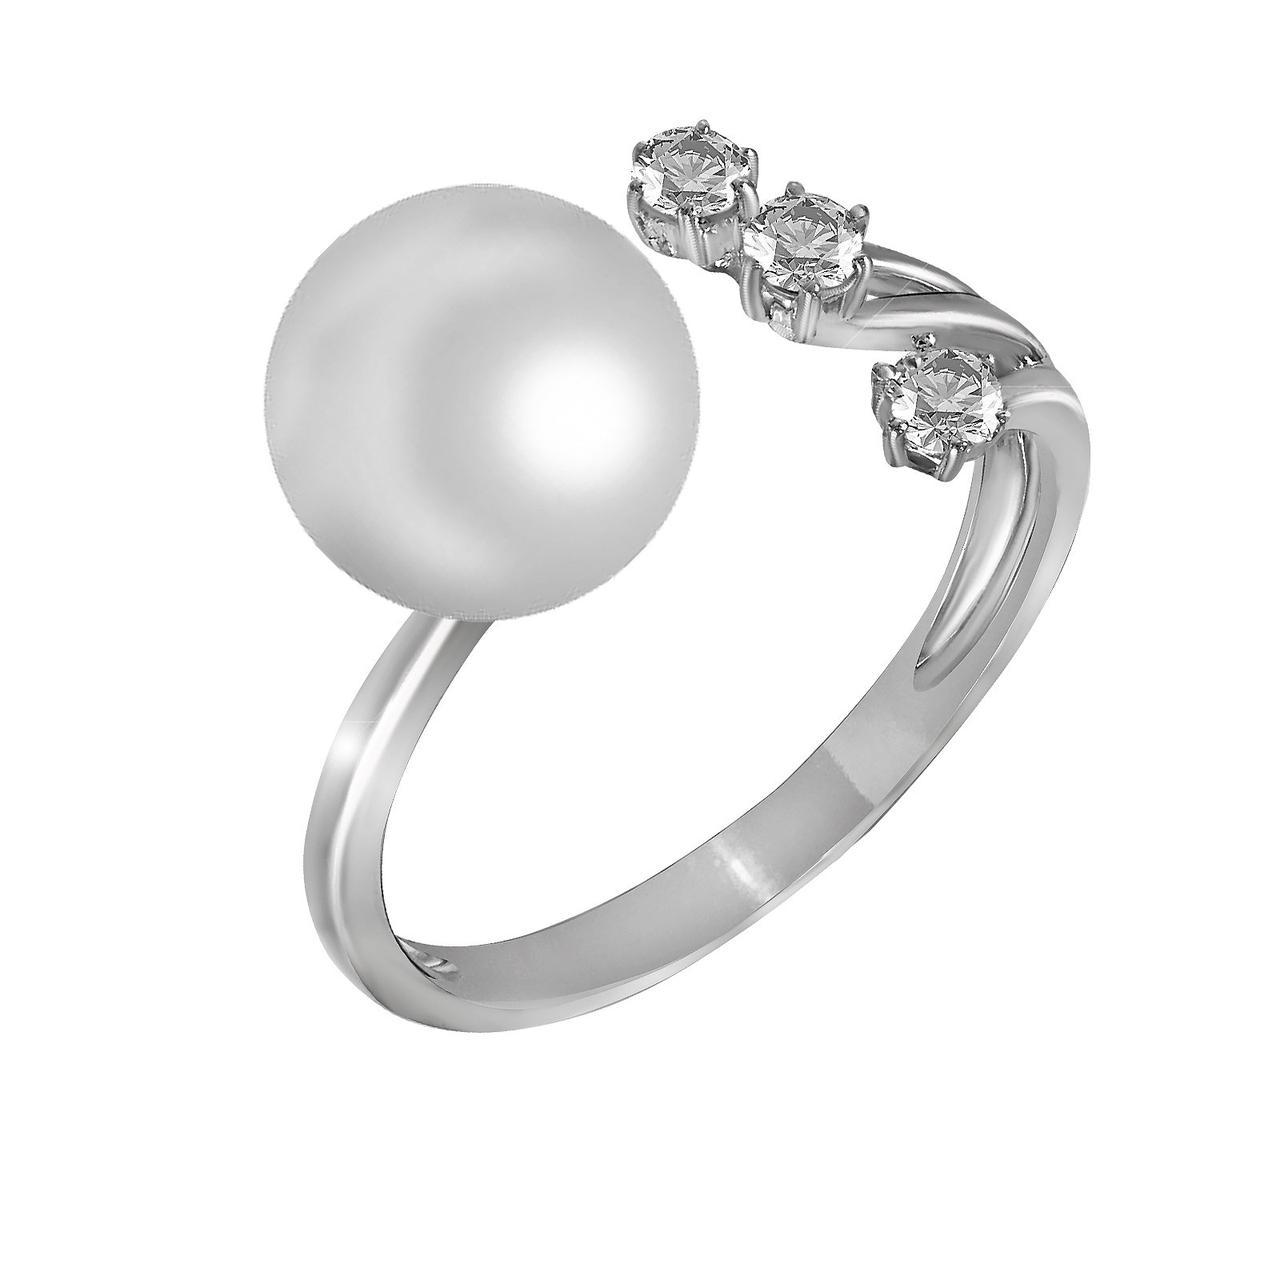 Золотое кольцо с бриллиантами и жемчугом (пресноводным), размер 16.5 (1527179)